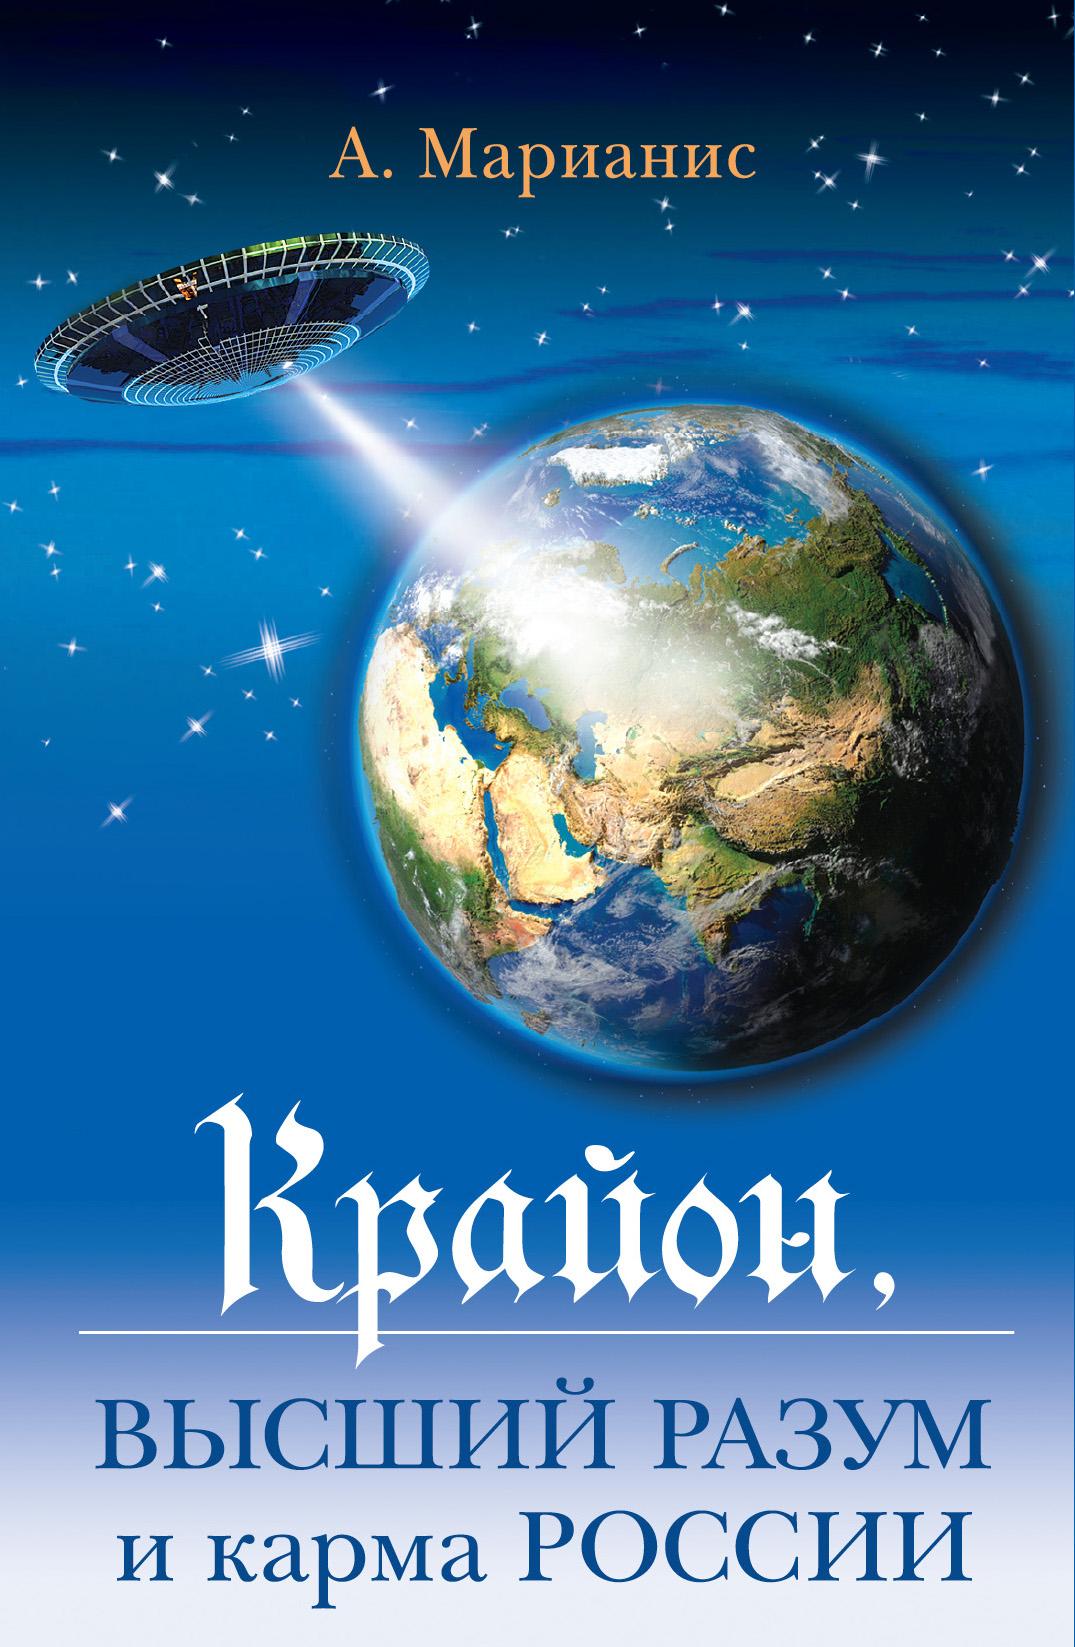 Крайон, Высший разум и карма России